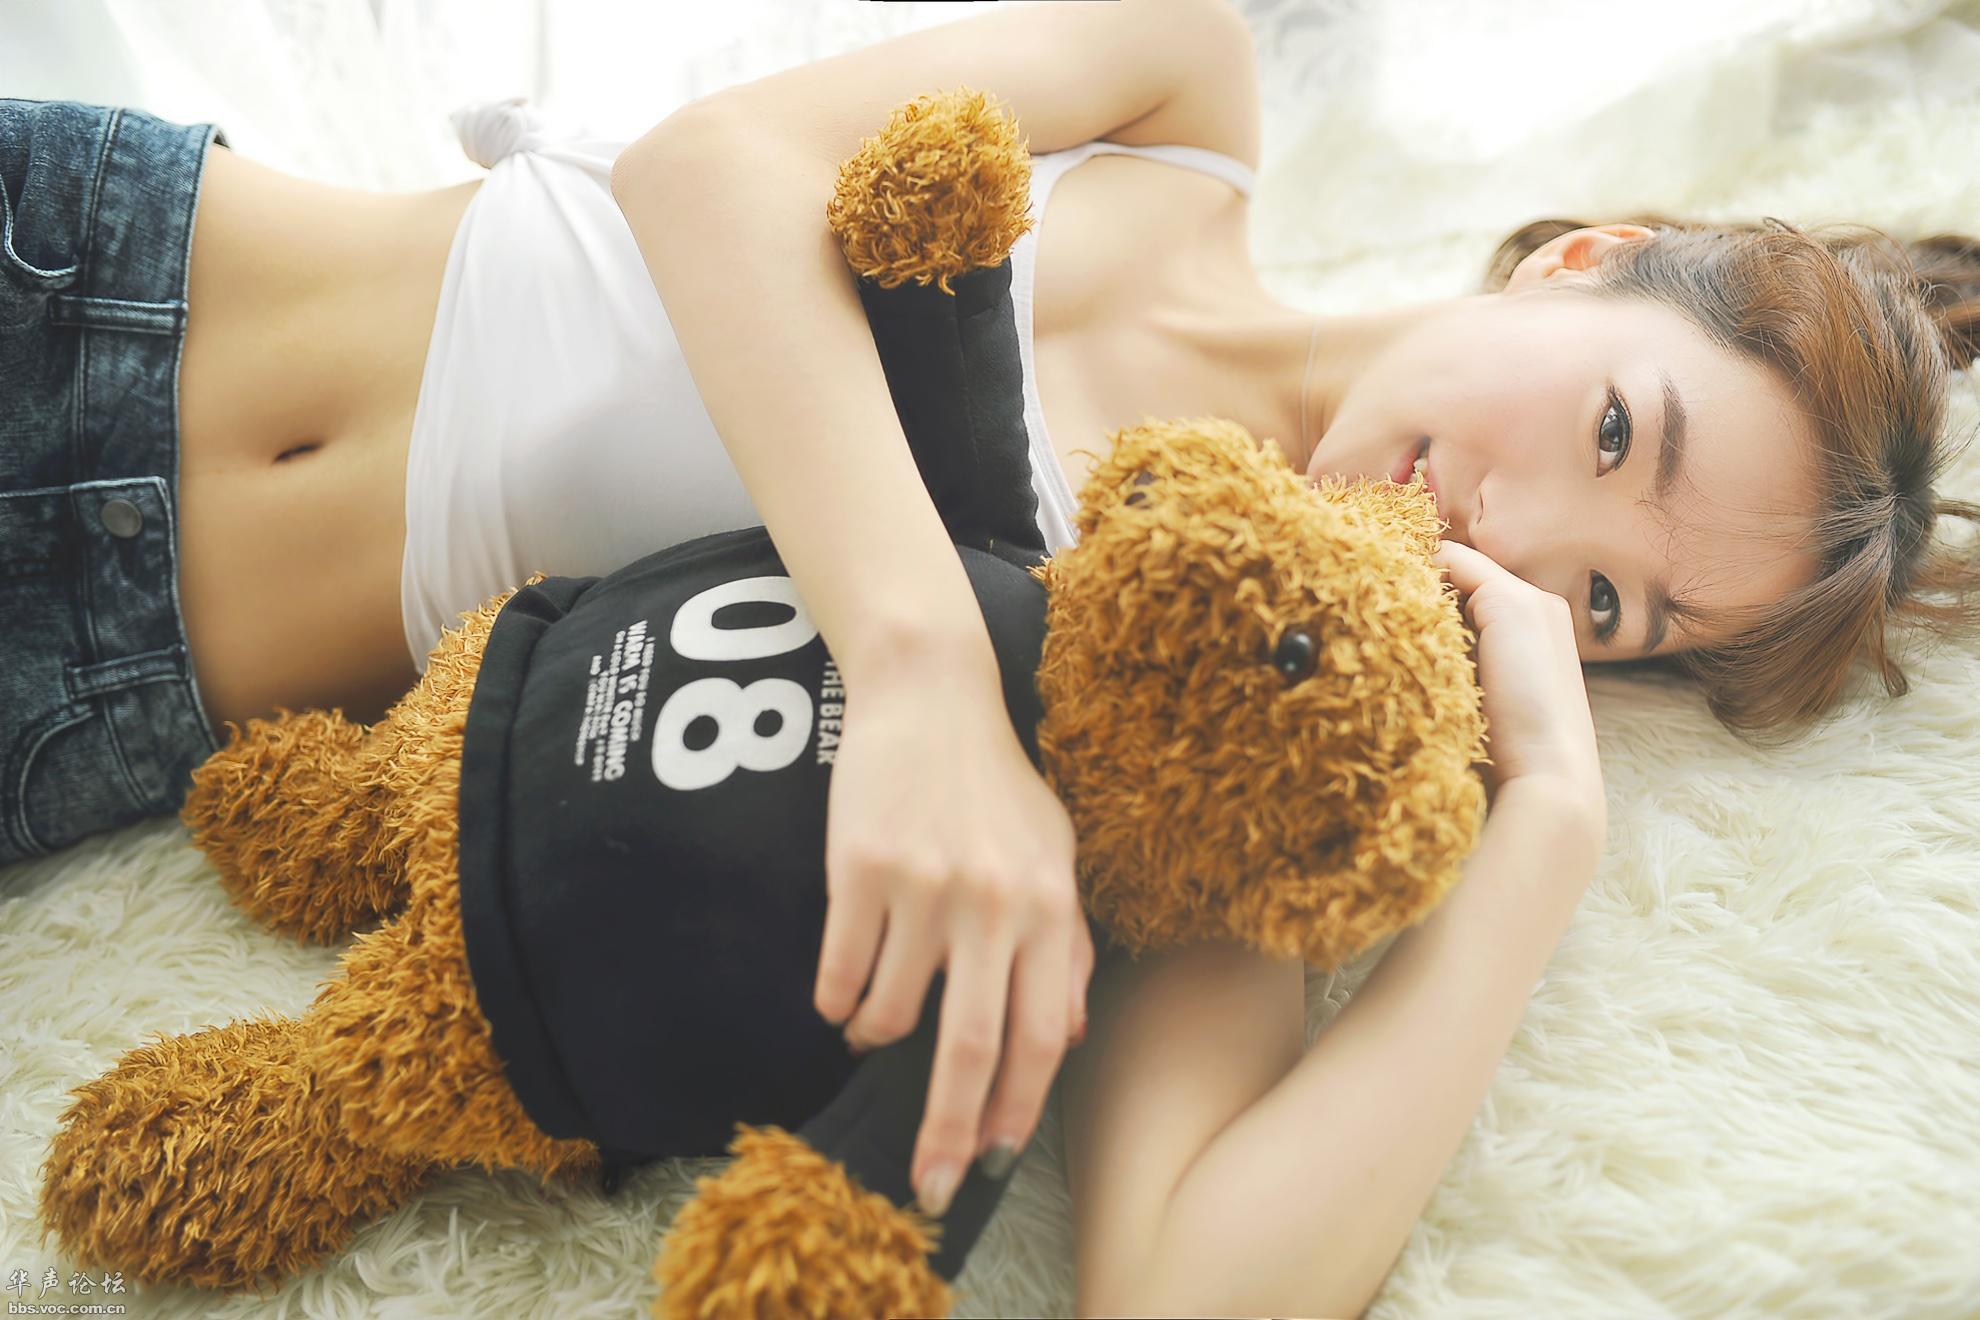 美 女 素 材  Yang Gril - 樱子 - 樱子的博客